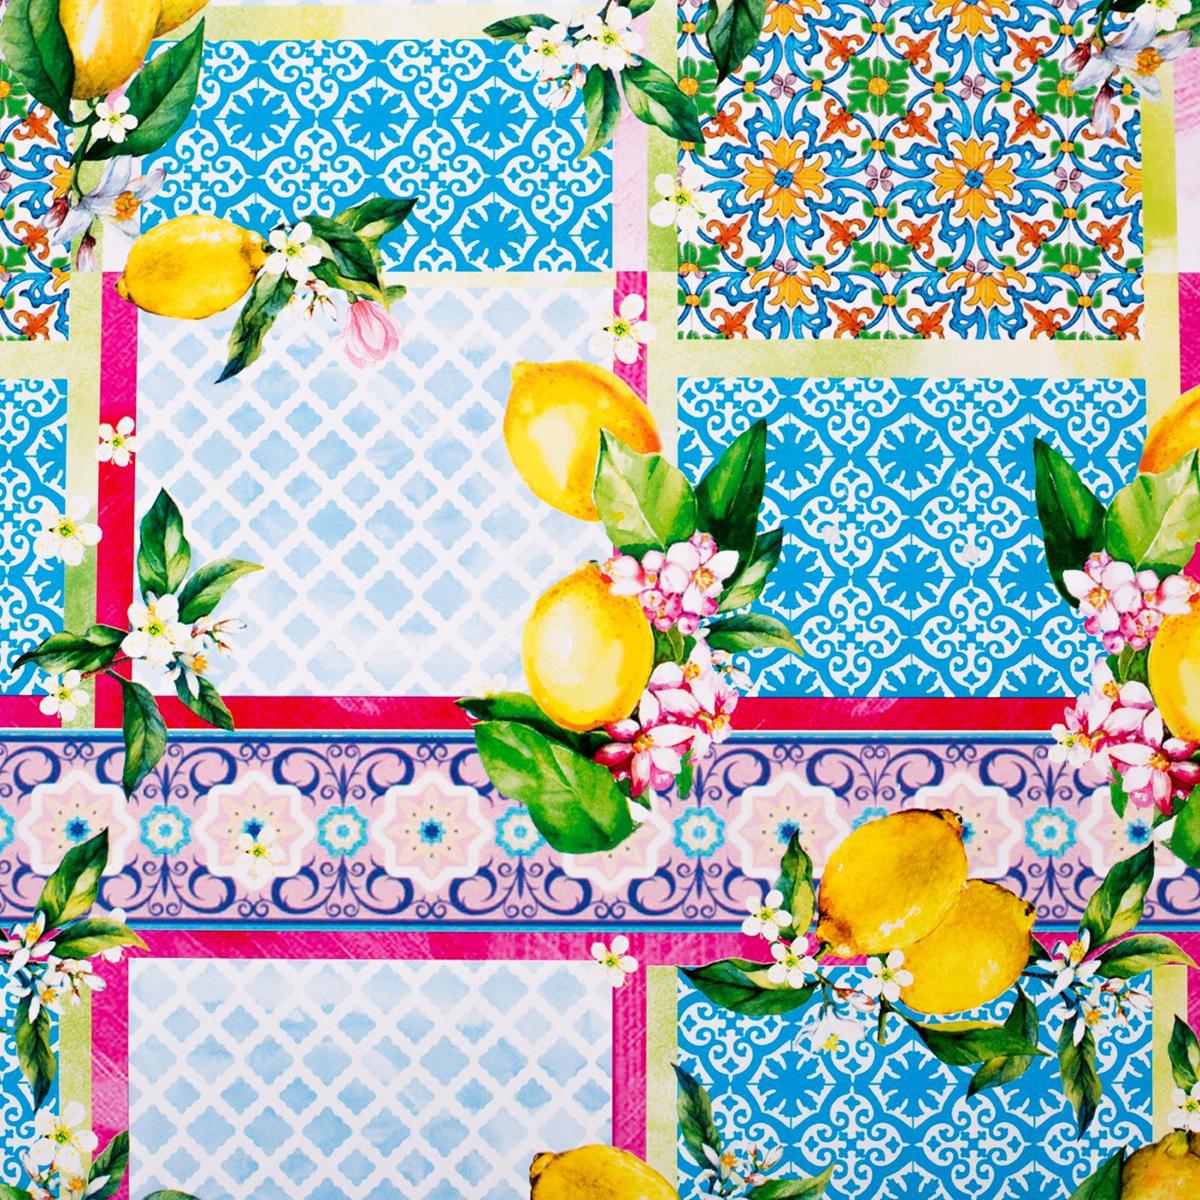 Бумага упаковочная Дарите счастье Лимонное настроение, глянцевая, 70 х 100 см. 2498452 зайцева а как упаковать подарок красиво и оригинально